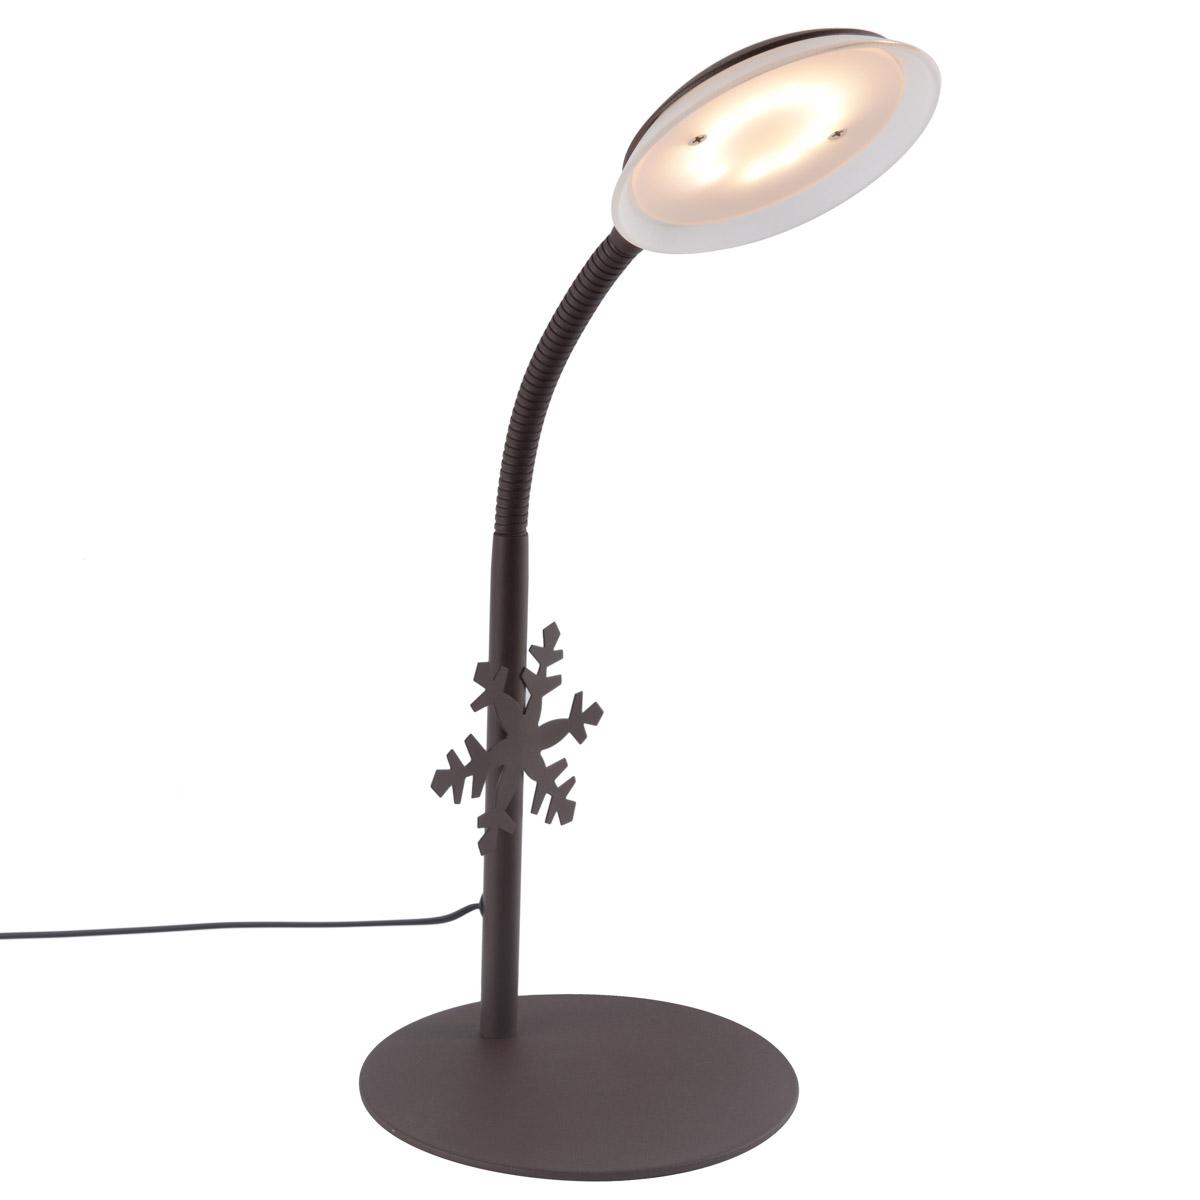 Lampe flexible led flocon métal brun H47cm